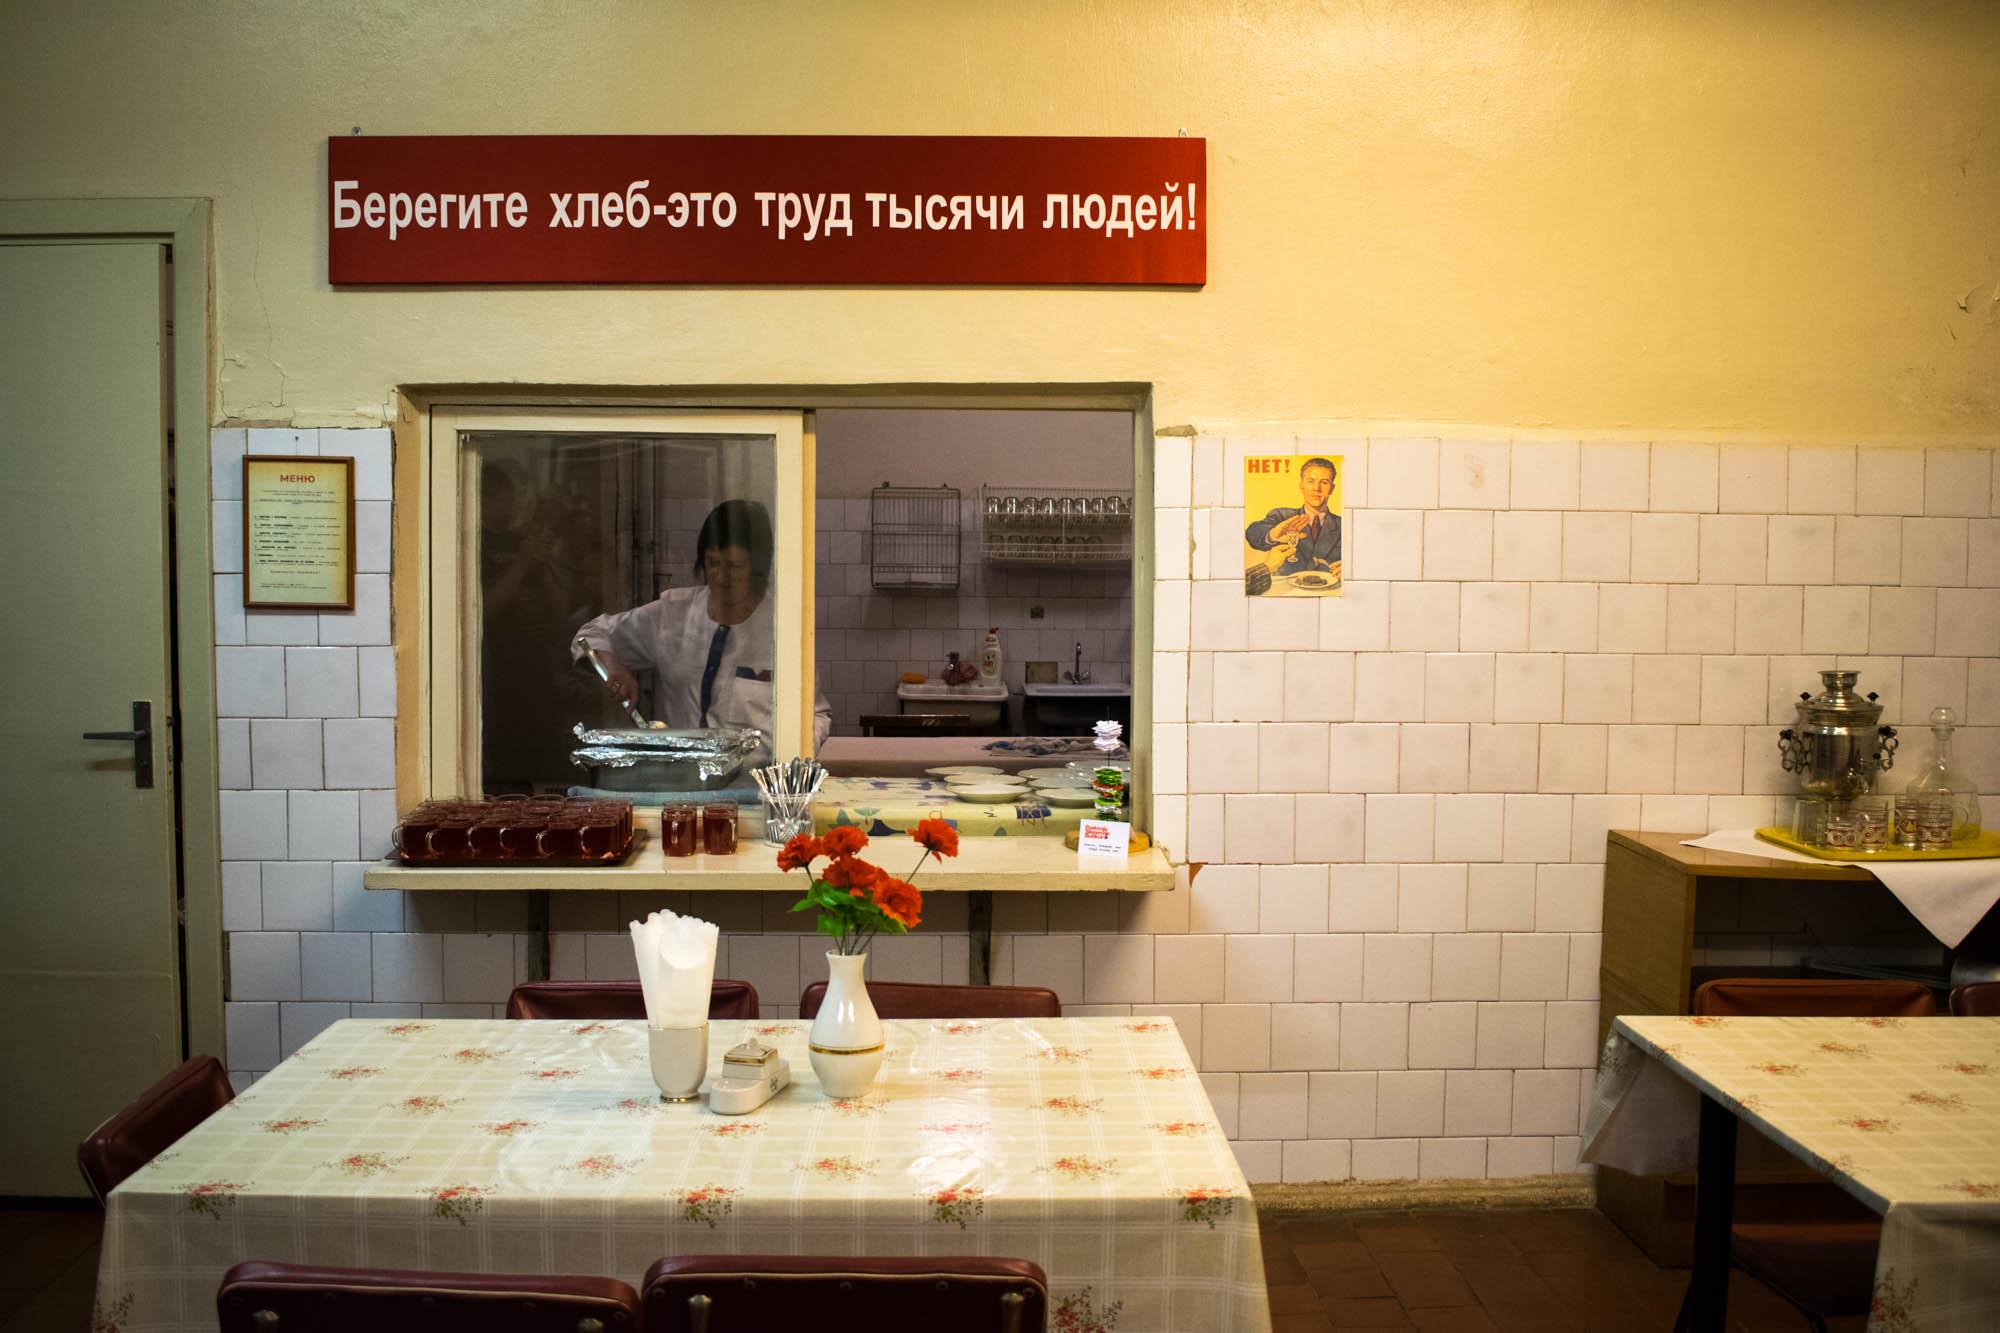 kantinen i den hemmelige bunkersen i Latvia